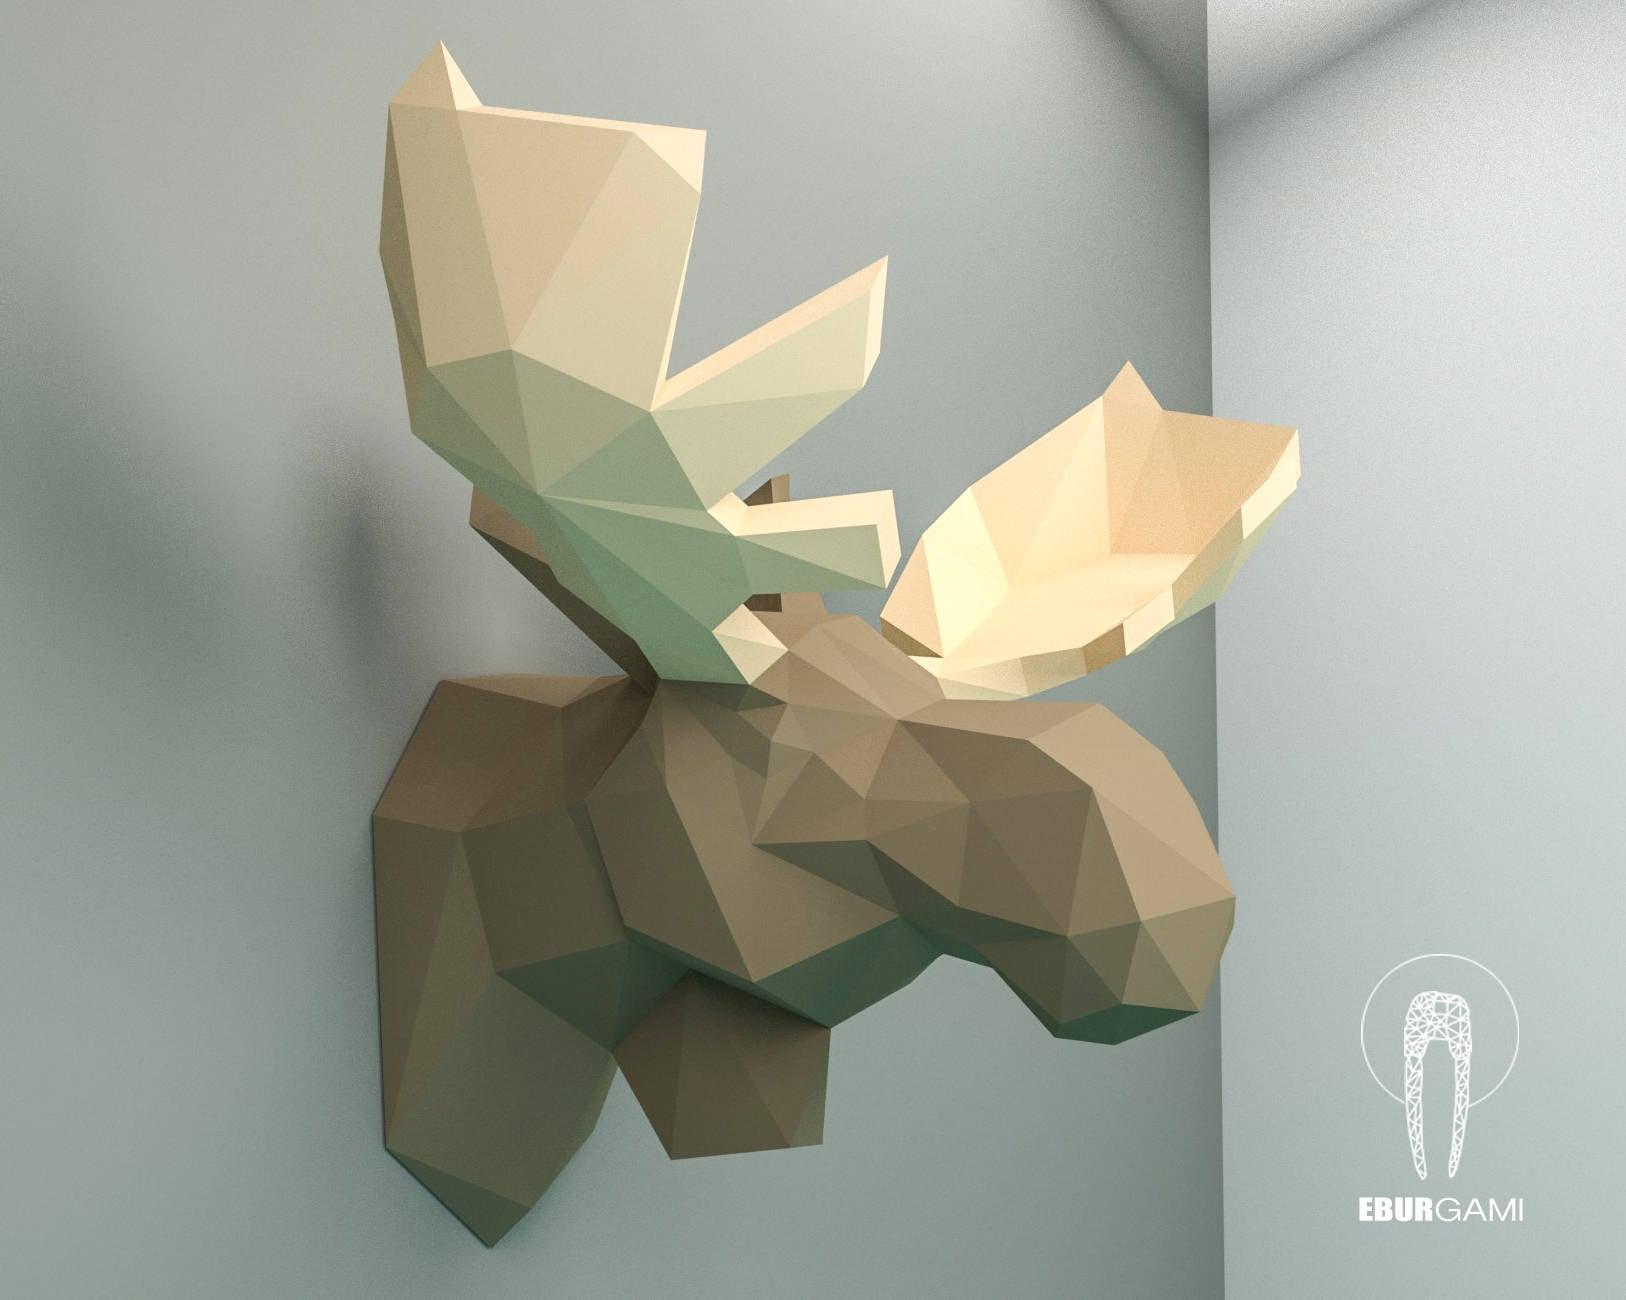 moose pepercraft head papercraft trophy pdf kit 3d diy. Black Bedroom Furniture Sets. Home Design Ideas